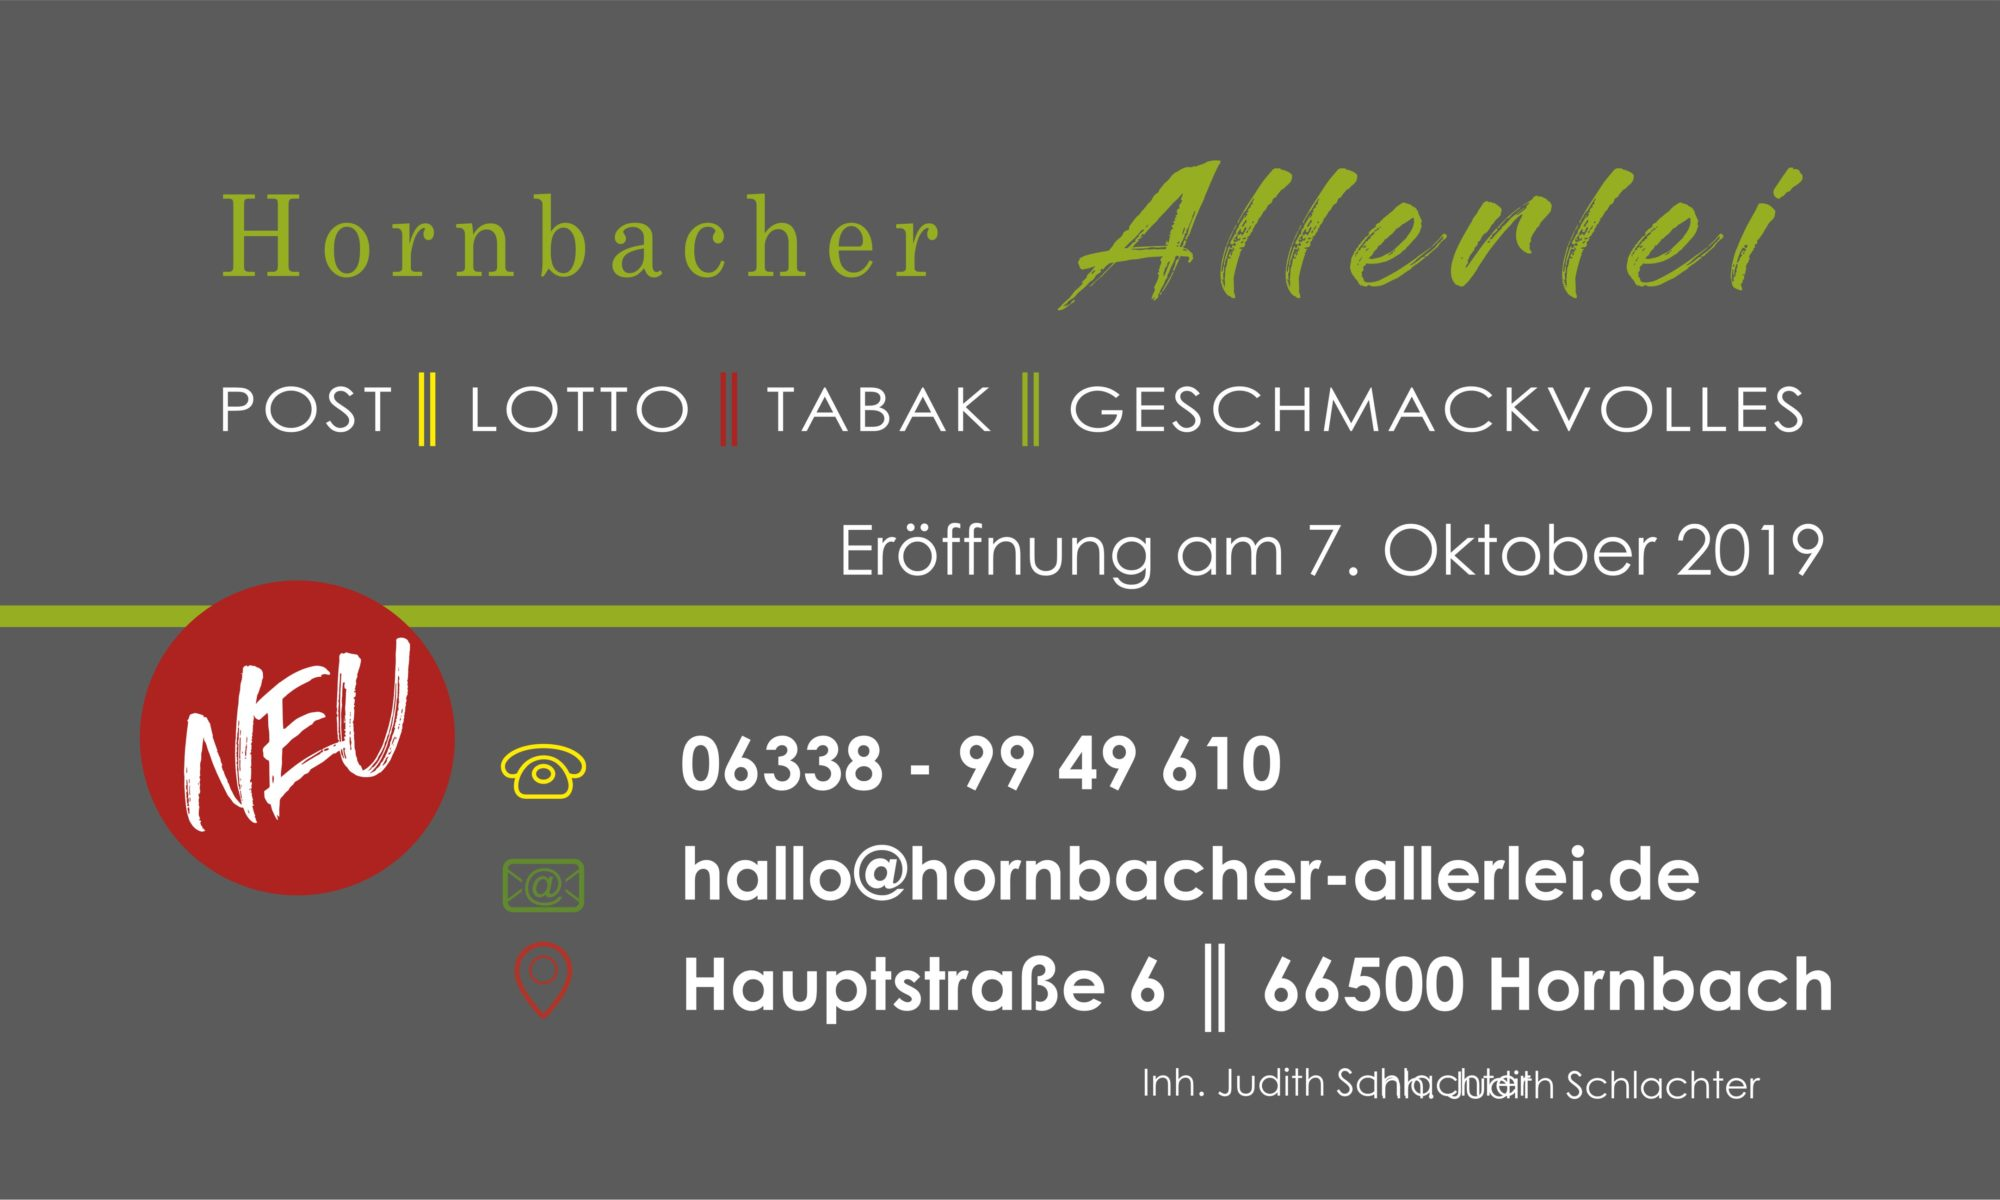 hornbacher-allerlei.de